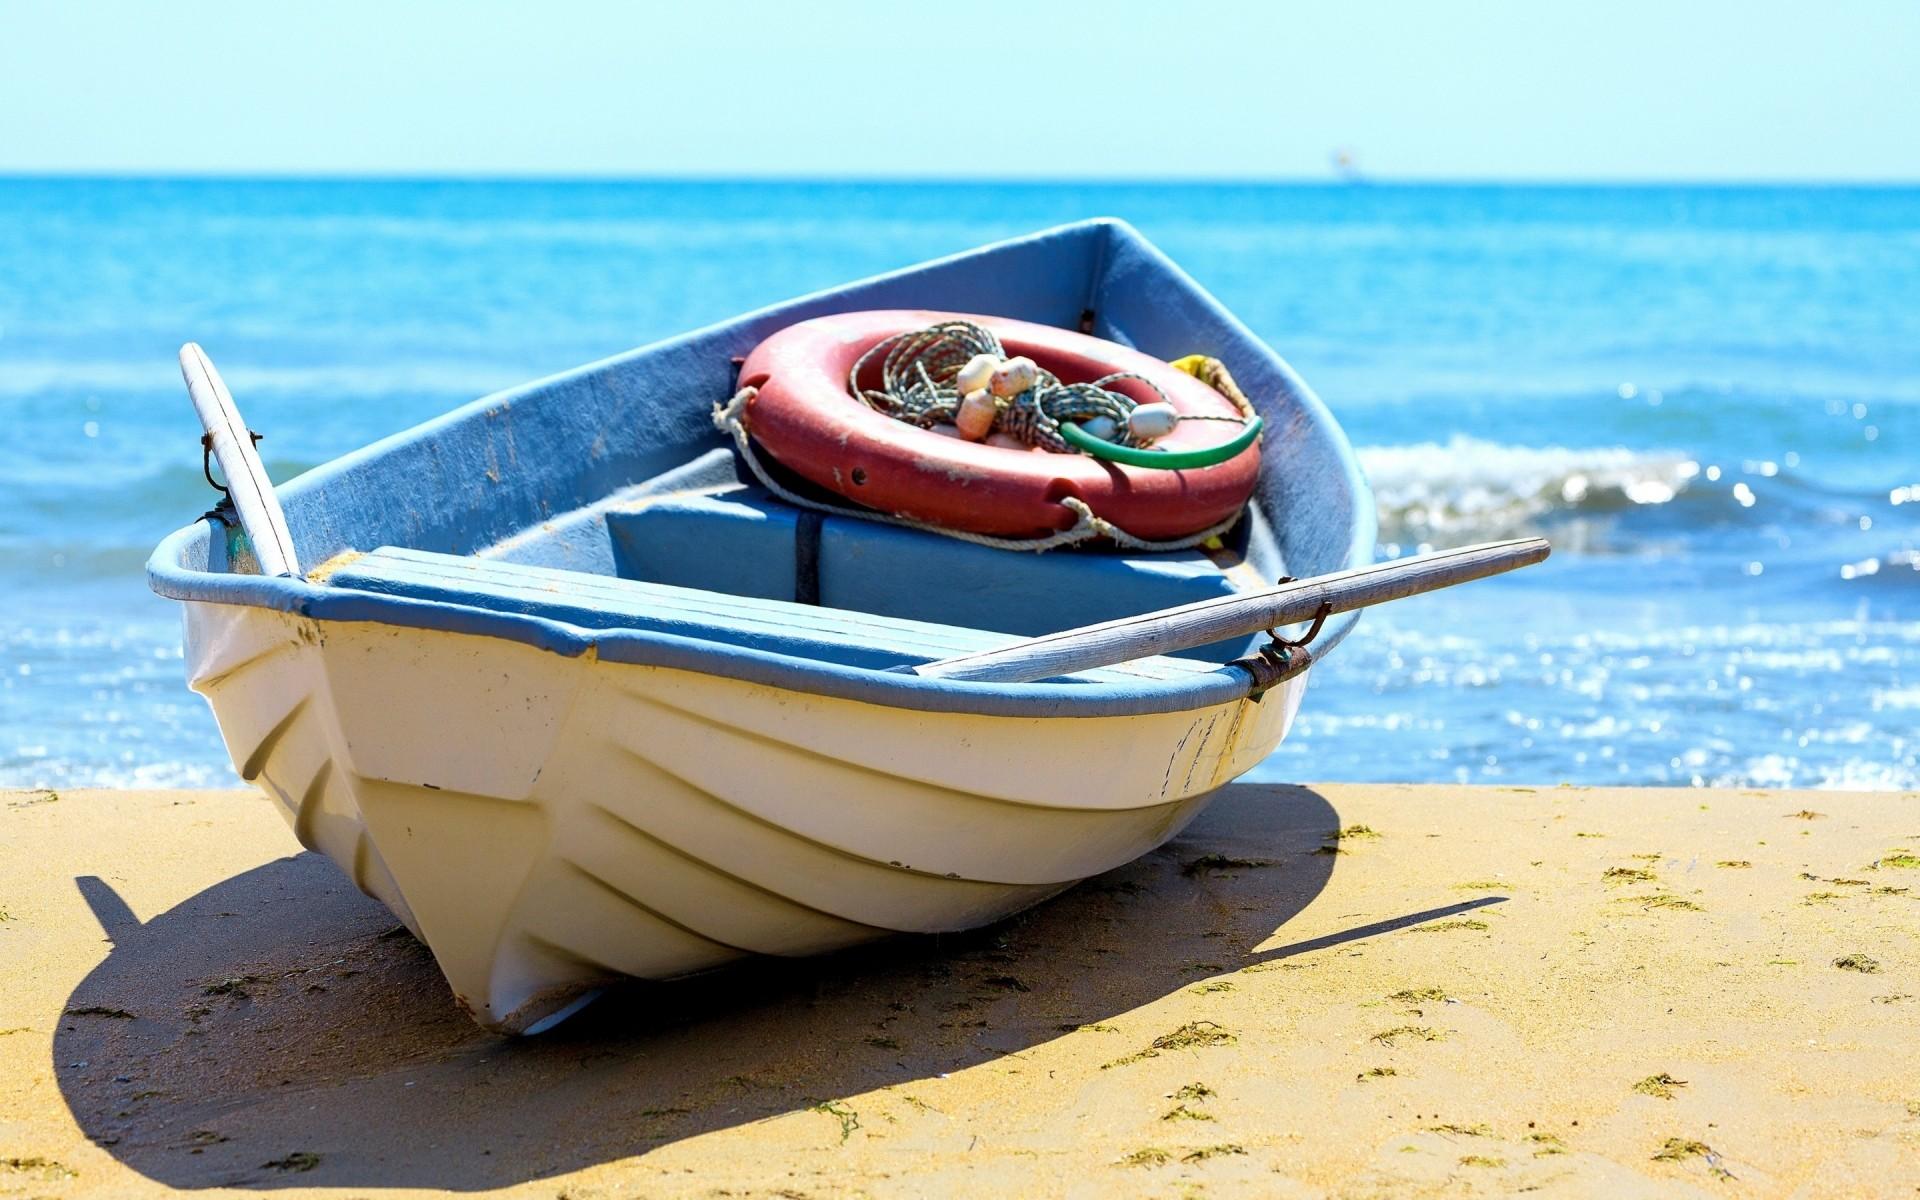 картинки на телефон лодка море категория продукции